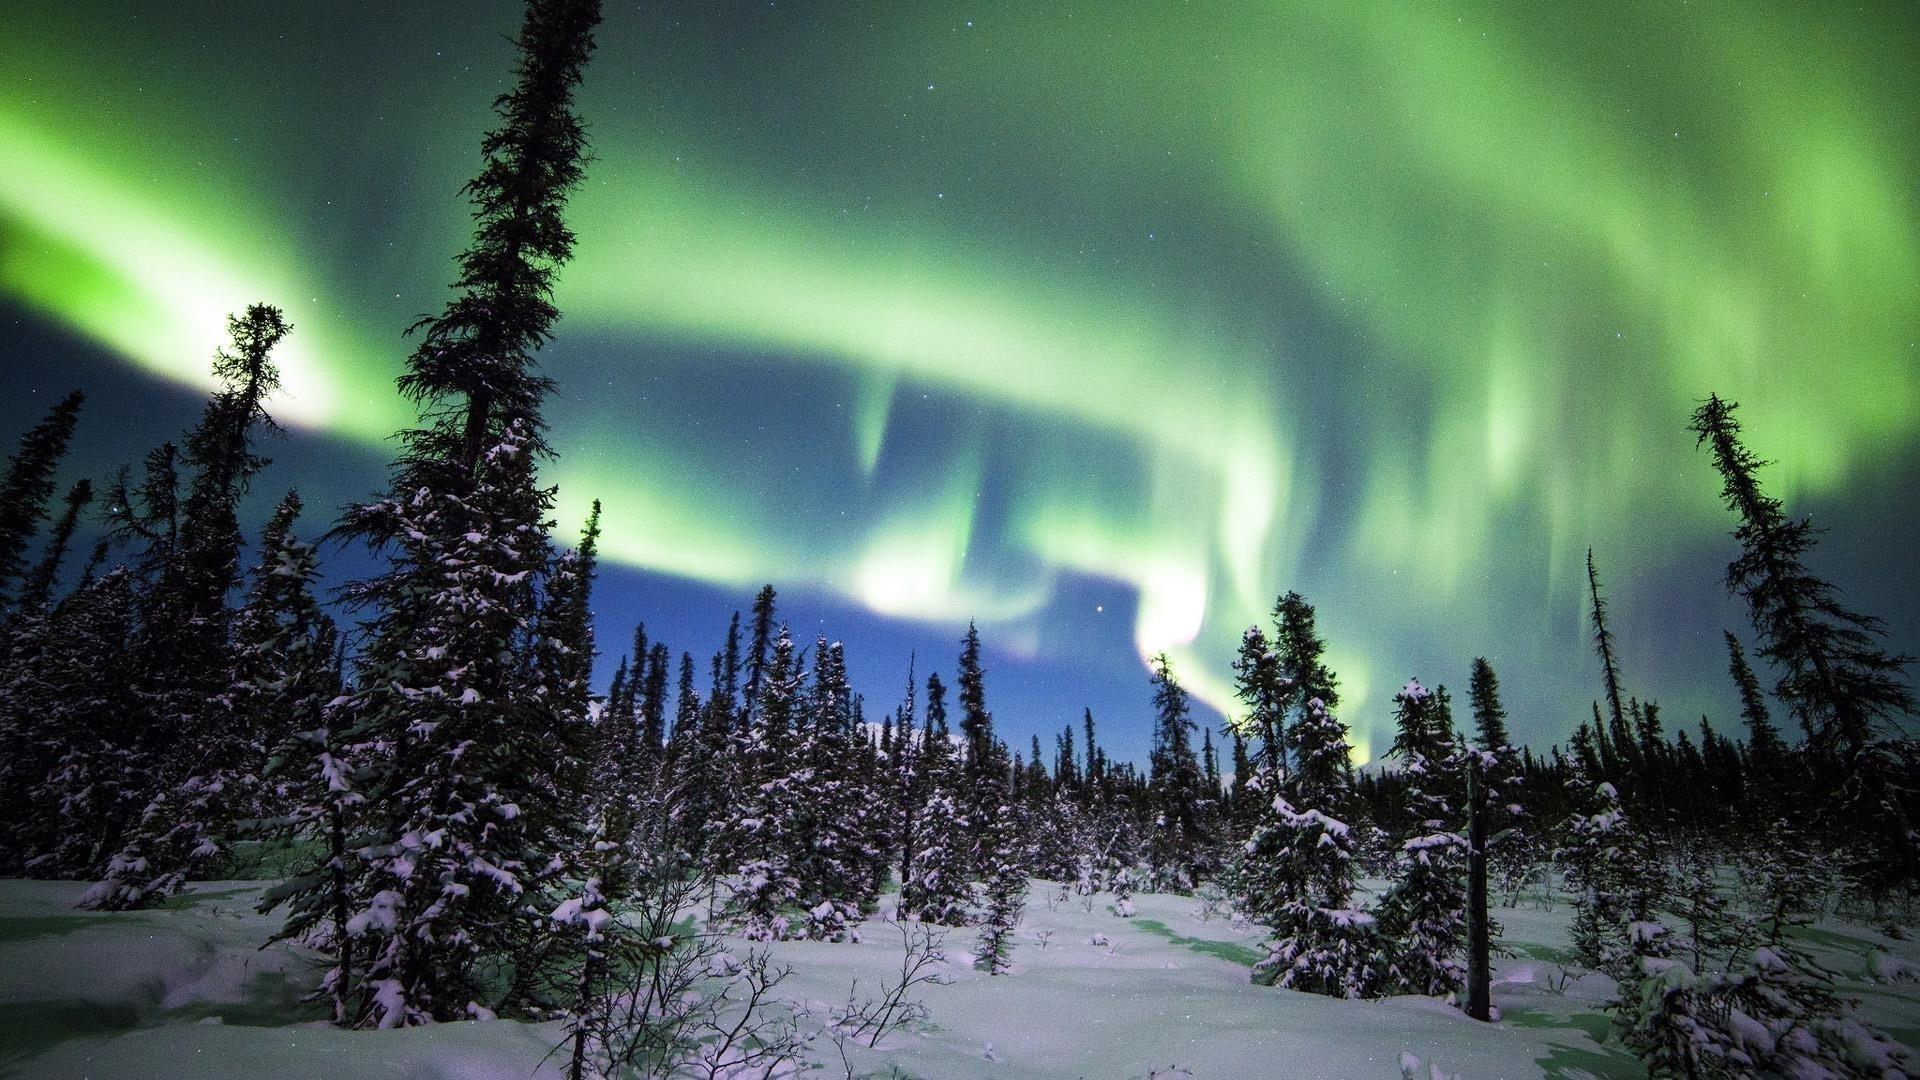 Северное сияние Денали национальный парк лес снег ель зимняя природа обои скачать